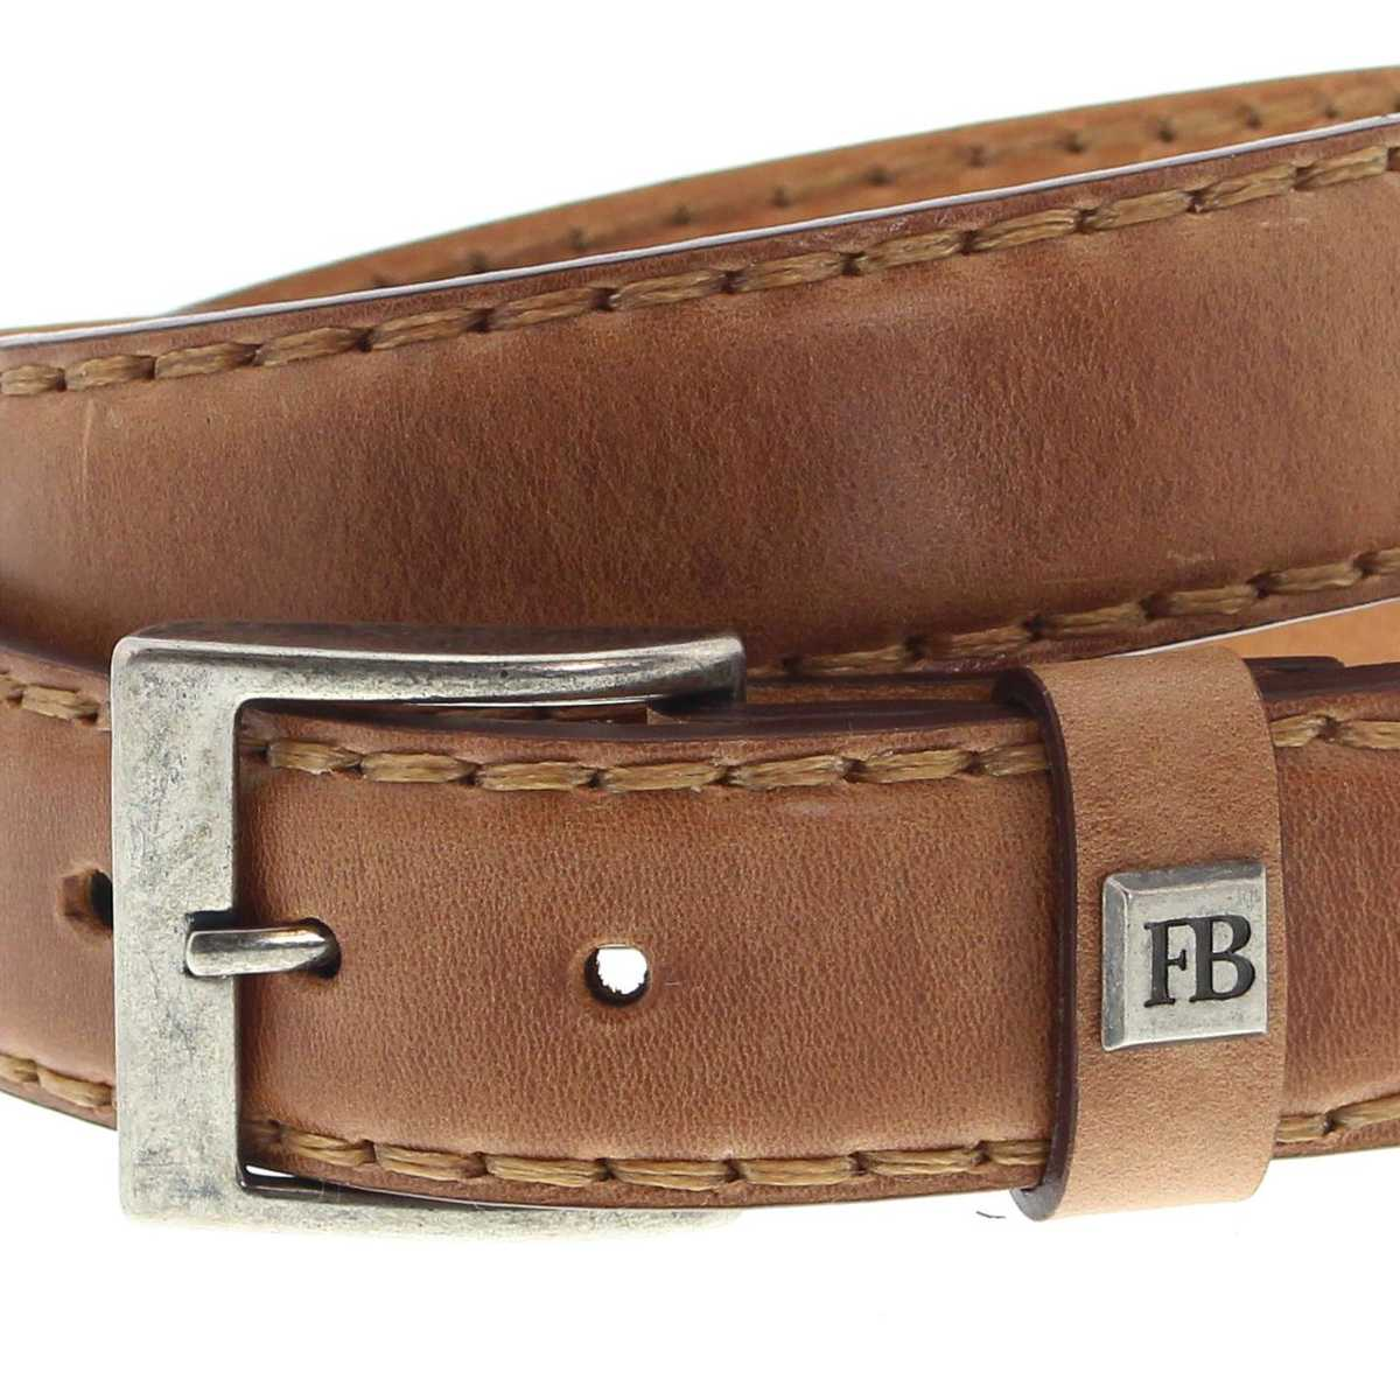 b033487c29e4af Fashion Boots FG3005 Cuero Ledergürtel - braun   Fashion Boots